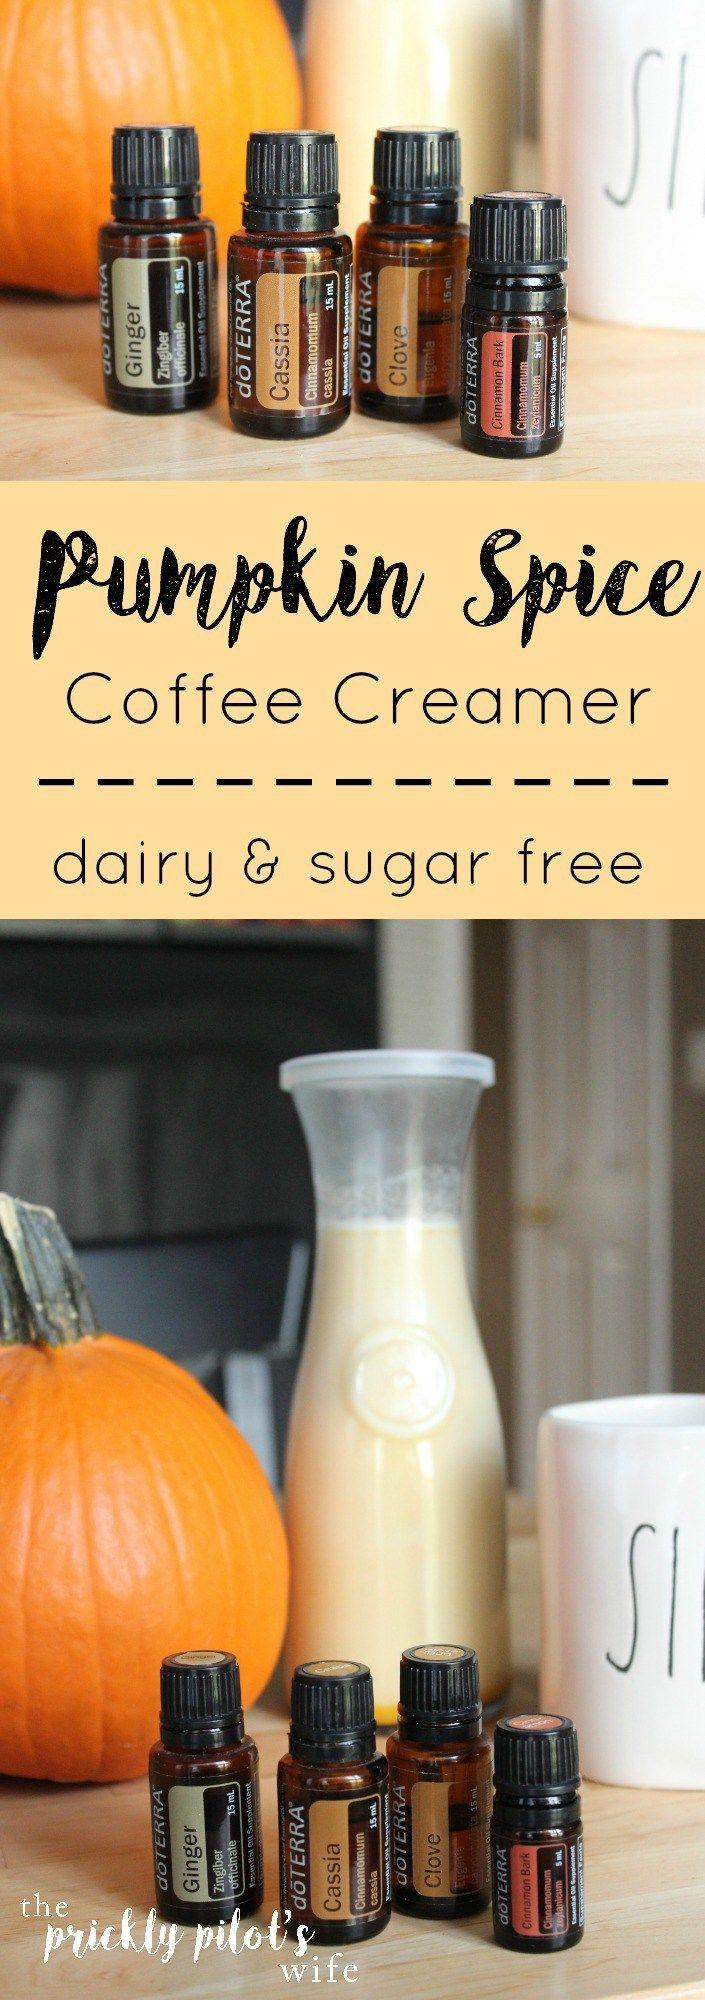 Probieren Sie diesen gesunden Pumpkin Spice Coffee Creamer! Es ist milch- und zuckerfrei und ...